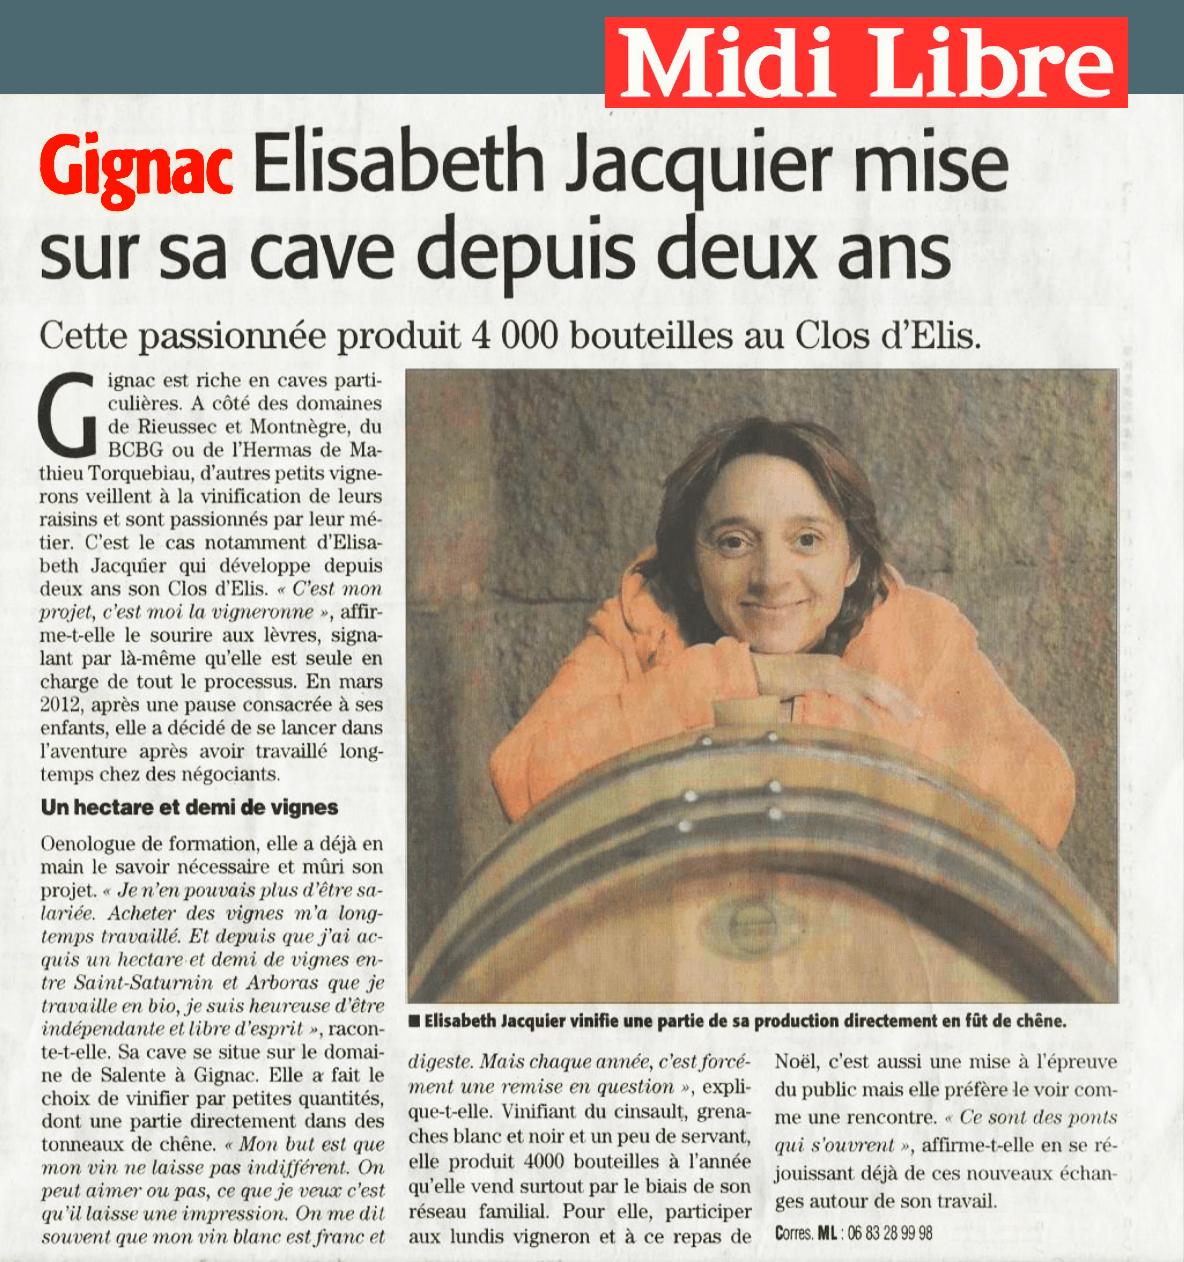 Les Clos d'Elis - Midi Libre 11 décembre 2014